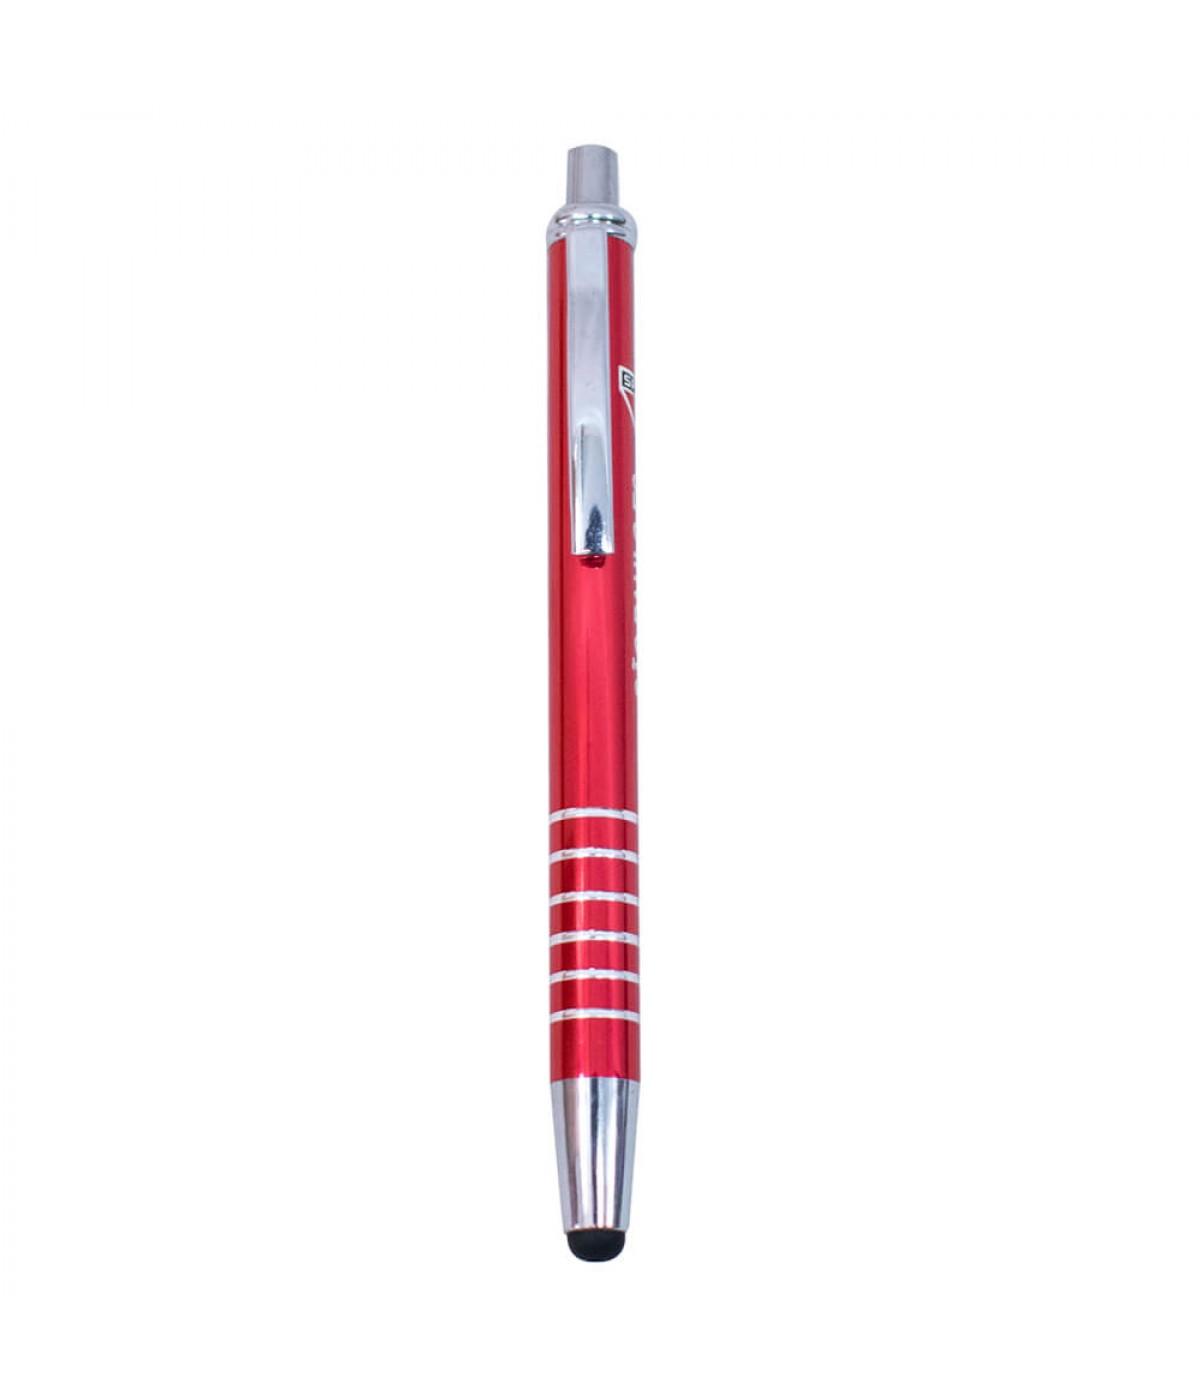 53e70fed493a8 Caneta Roller Pen Touchscreen - SPFC